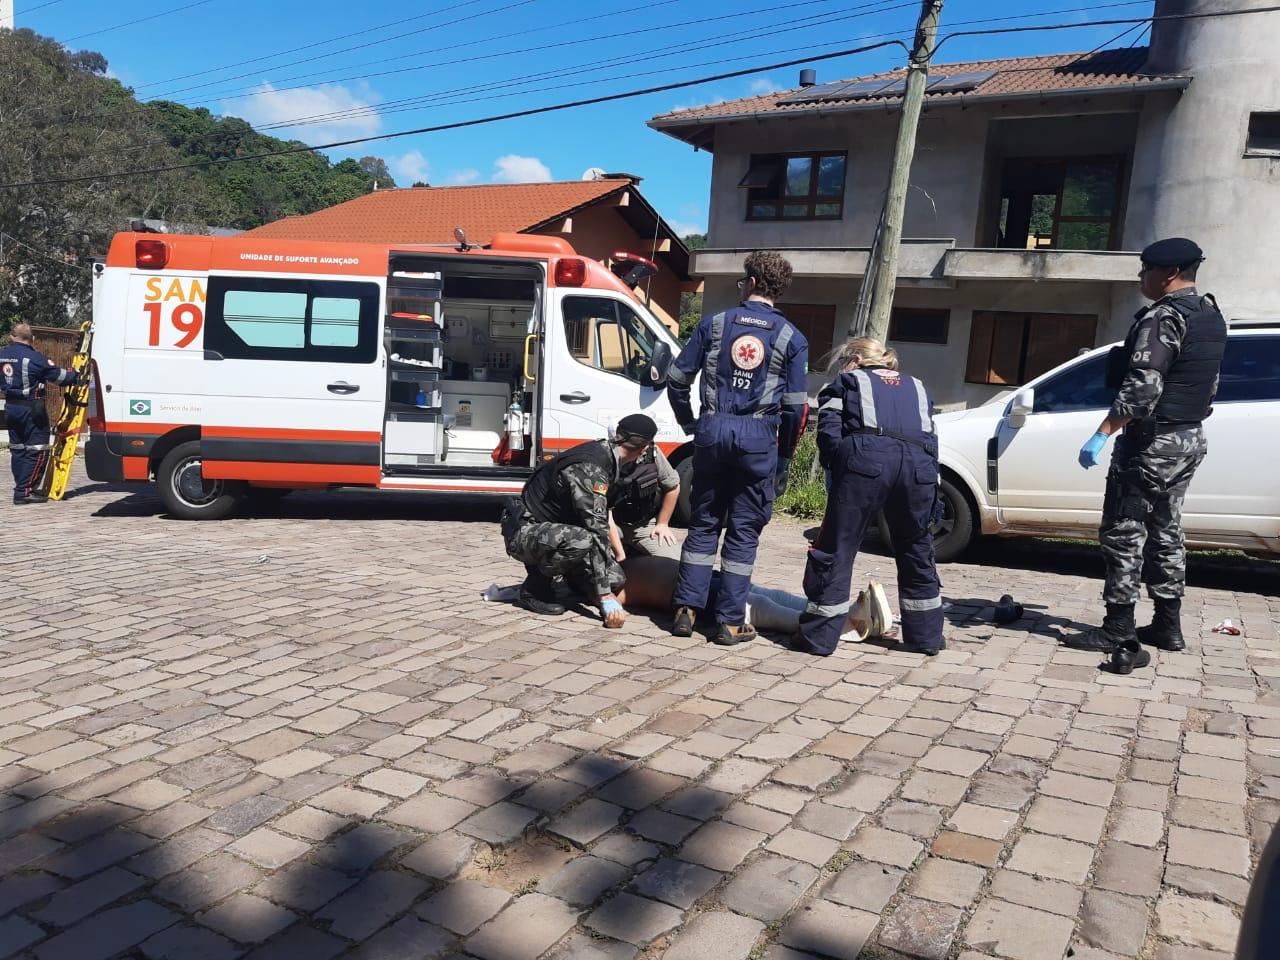 Após briga, dois homens ficam feridos no bairro Vinhedos em Bento